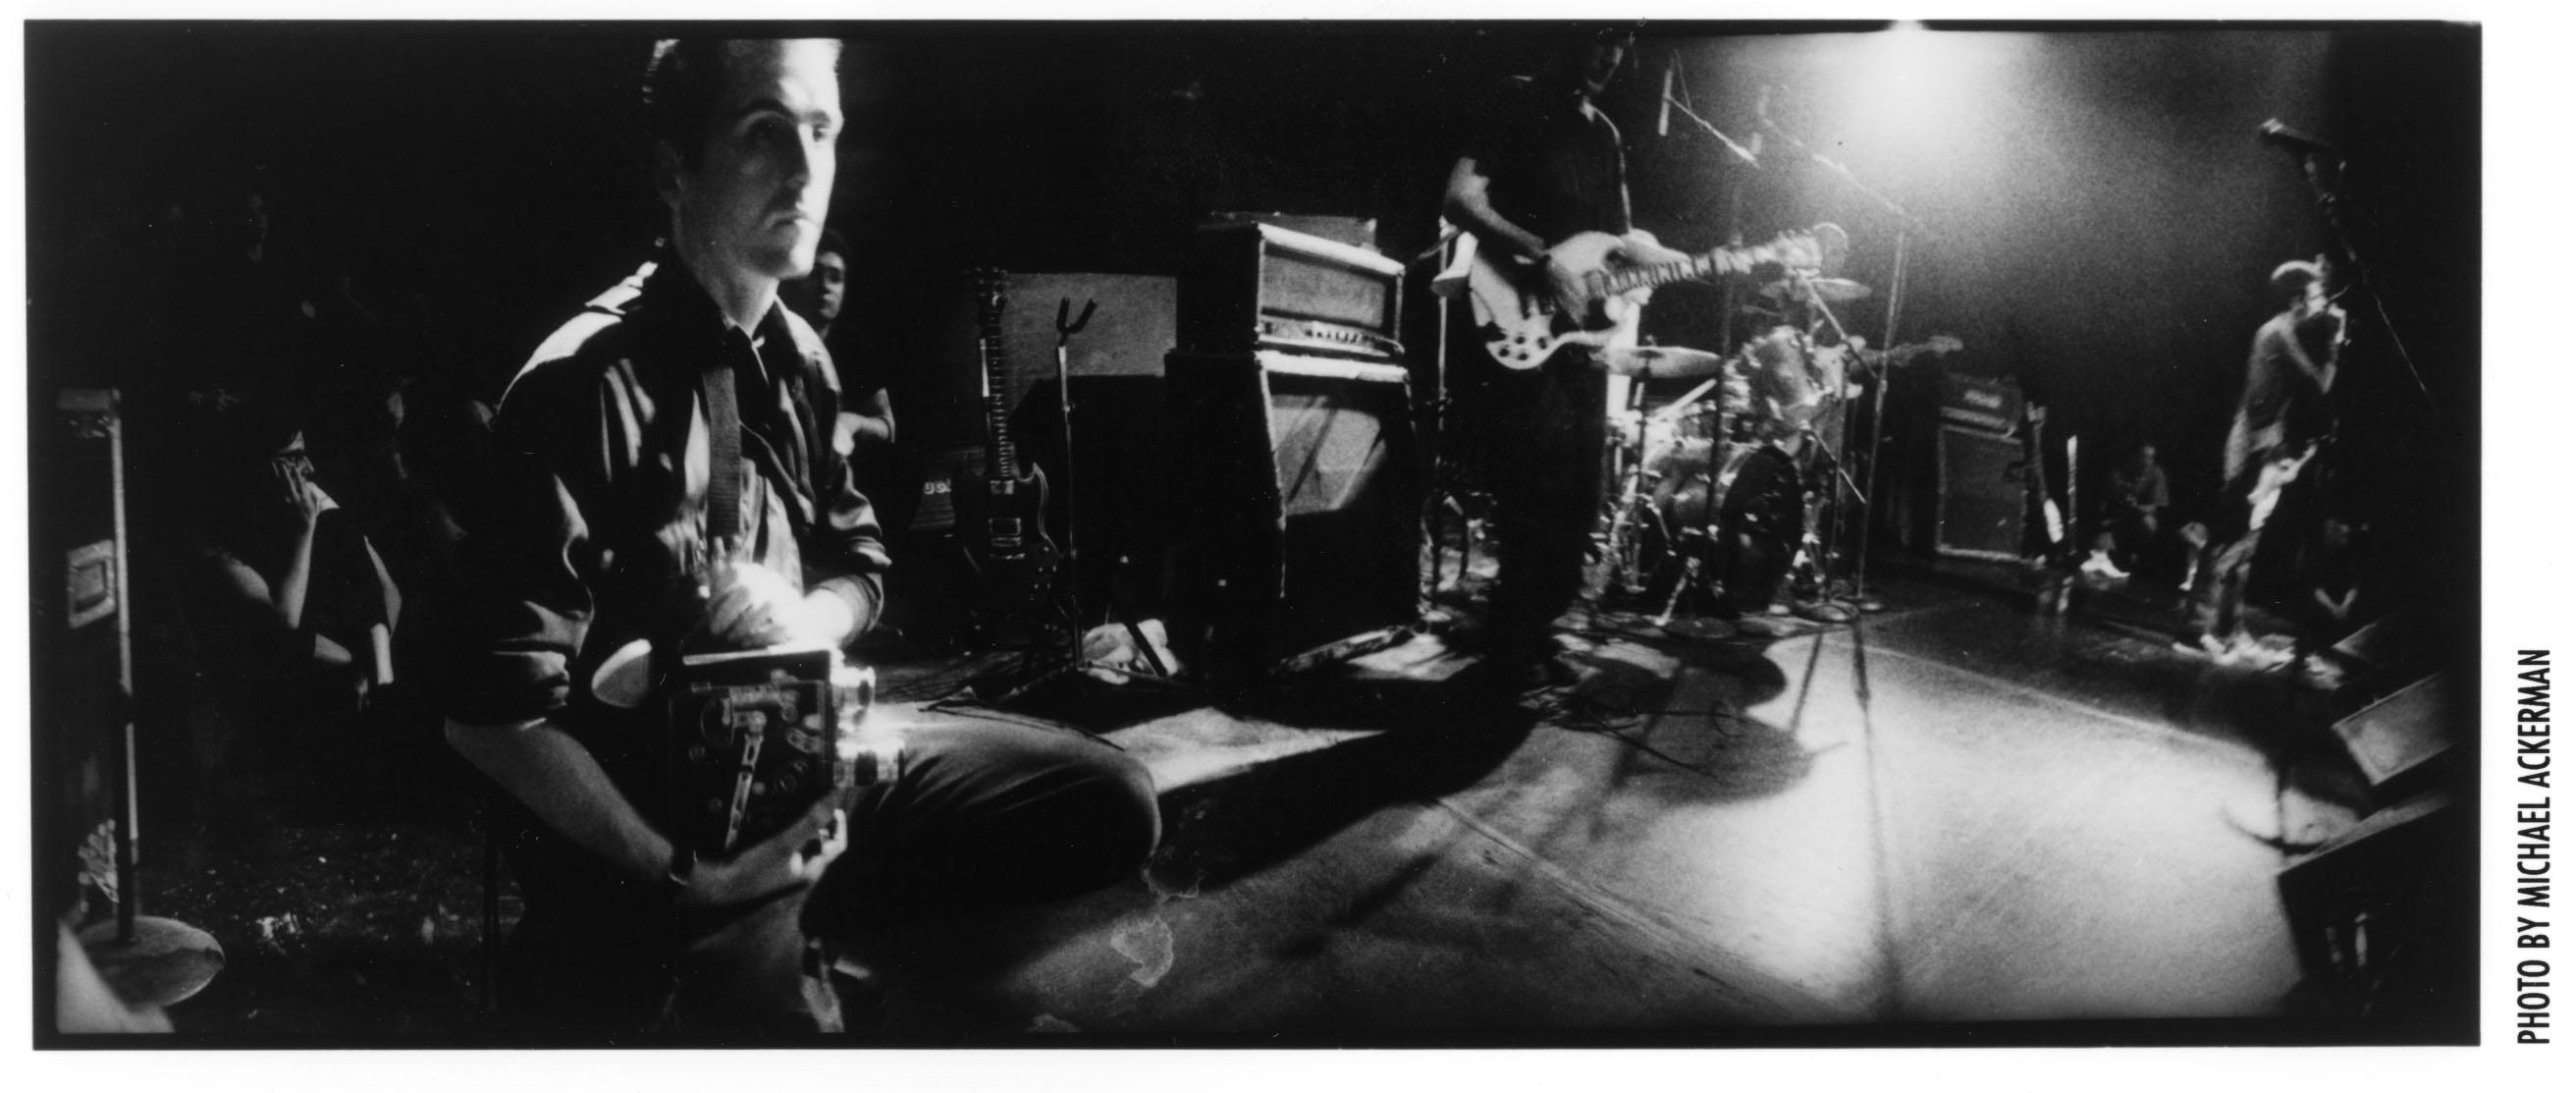 Dischord Records: Fugazi